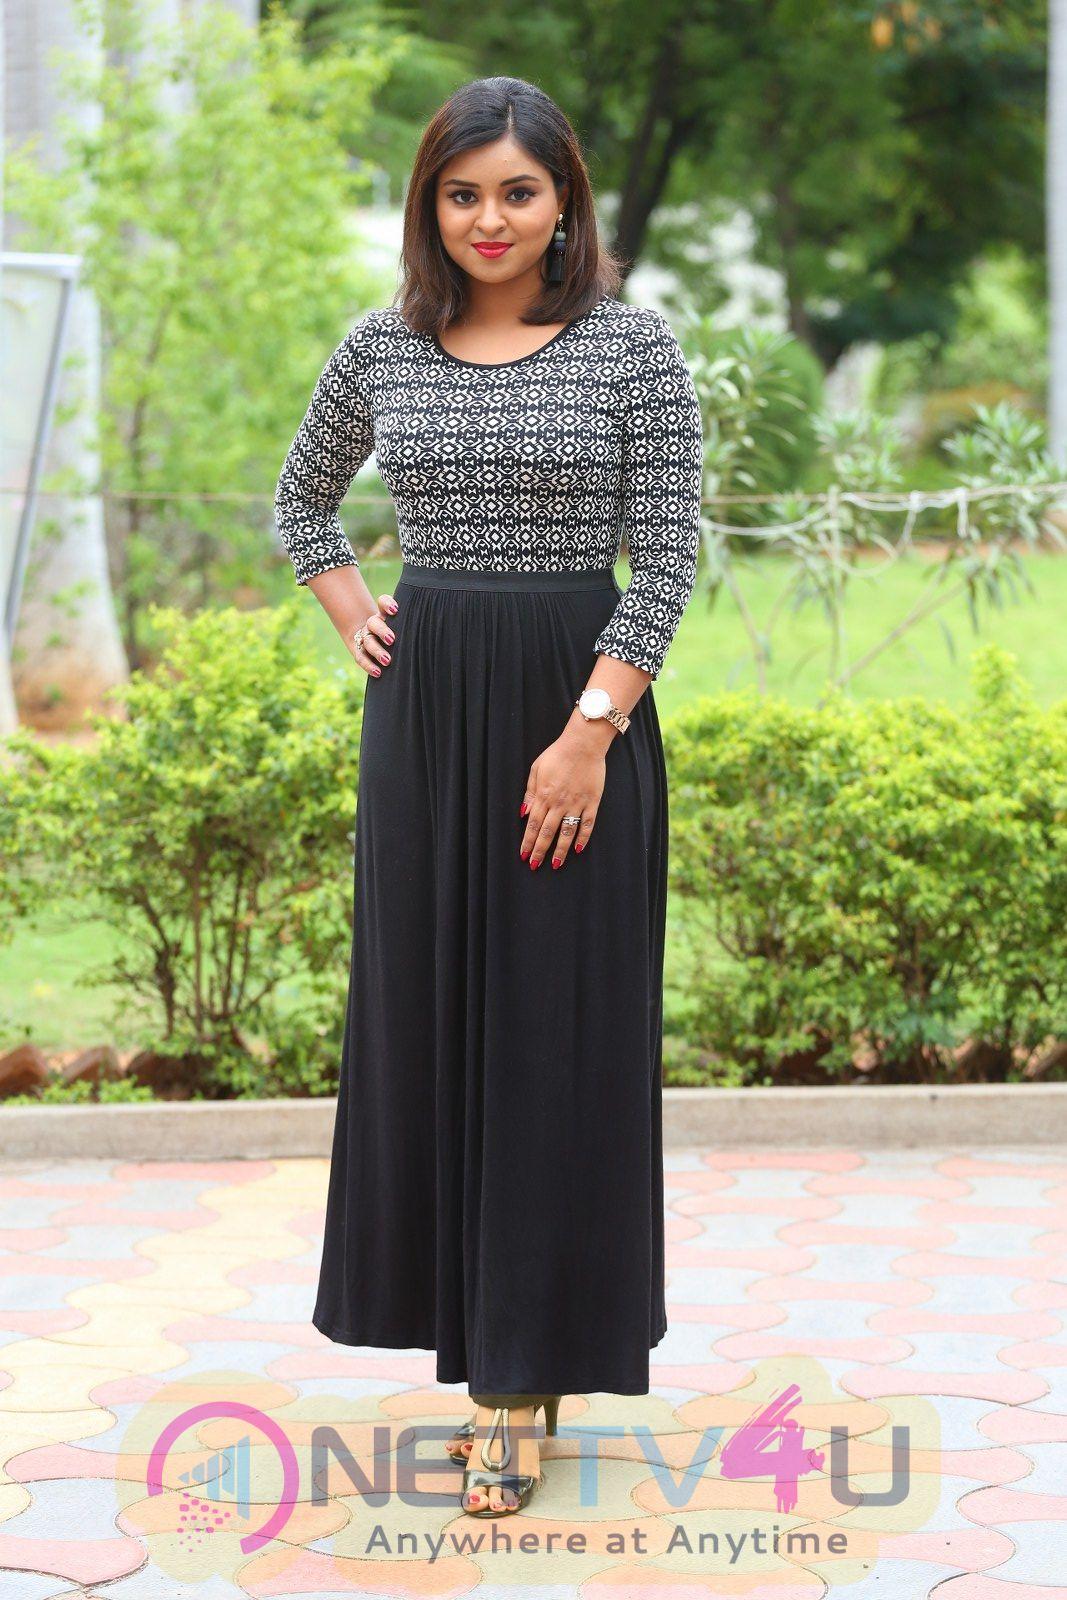 Actress Deepthi Sunaina Lovely Stills